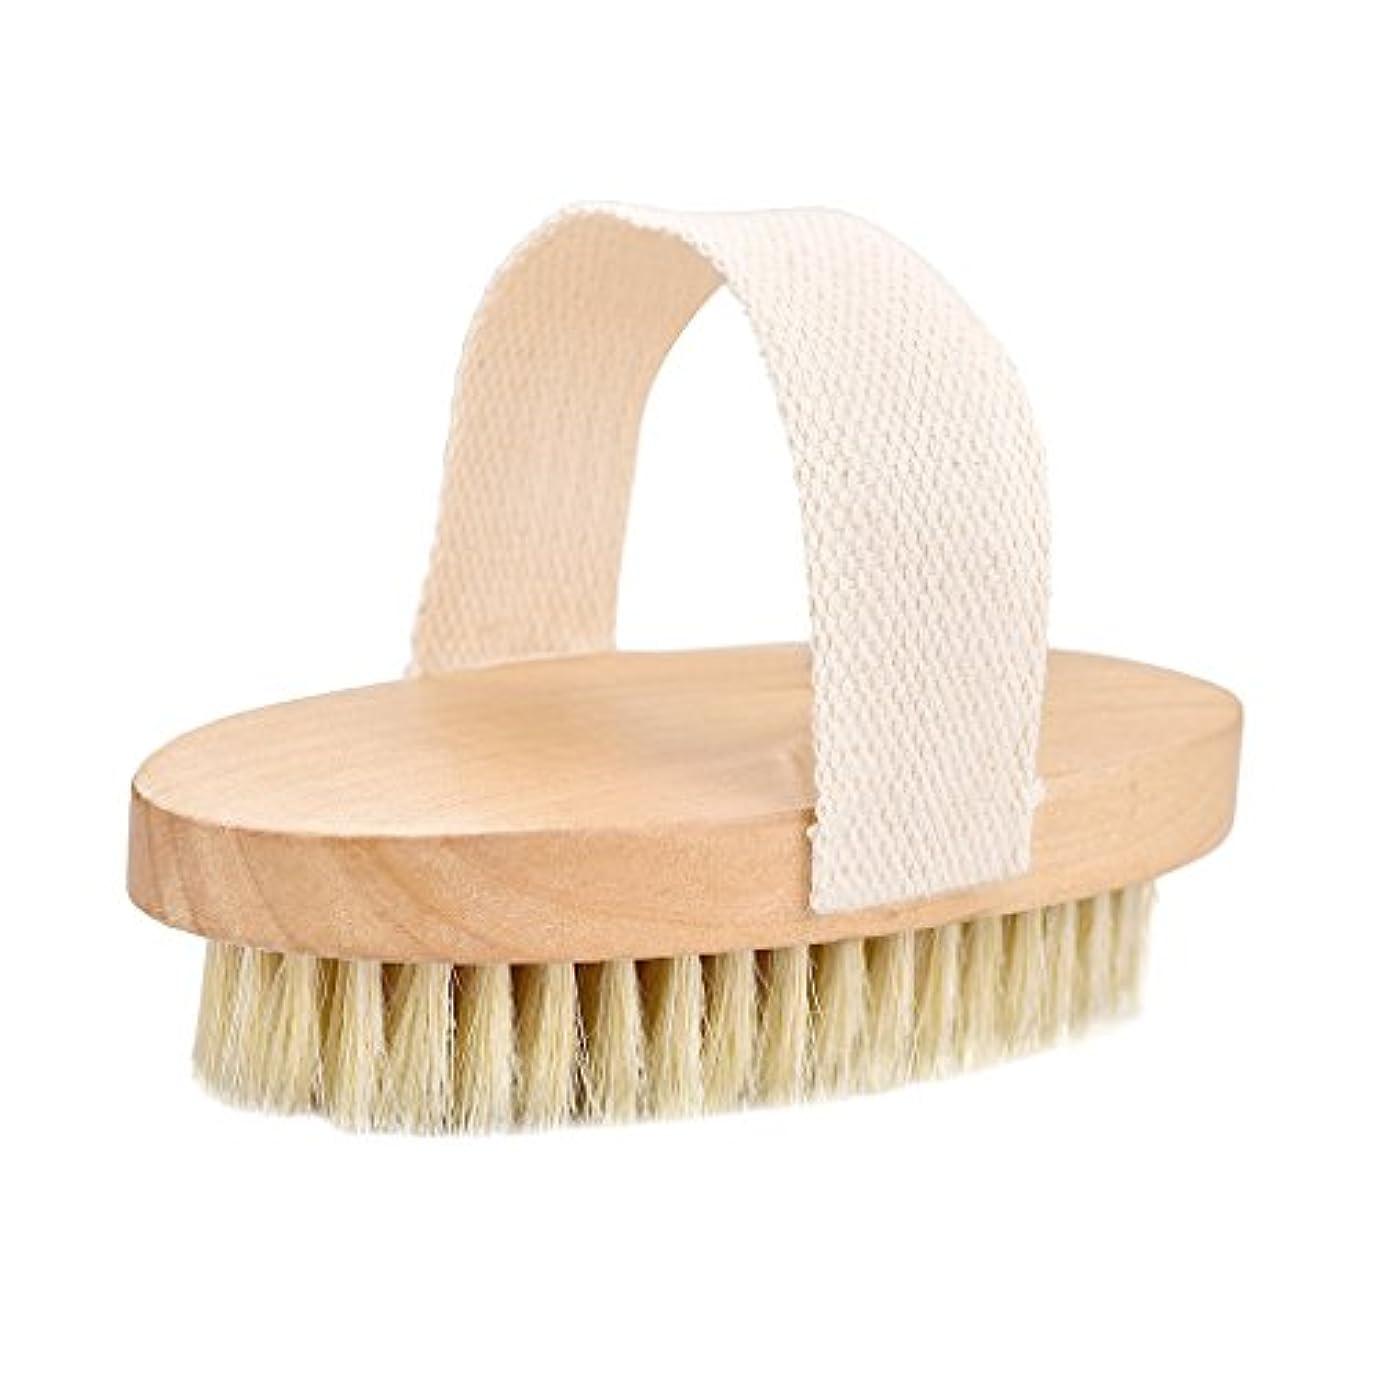 合体慰め著名なTumao ボディブラシ 豚毛 ソフト 背中 お風呂用 角質除去 全身マッサージ 血行促進 体洗いブラシ バスグッズ